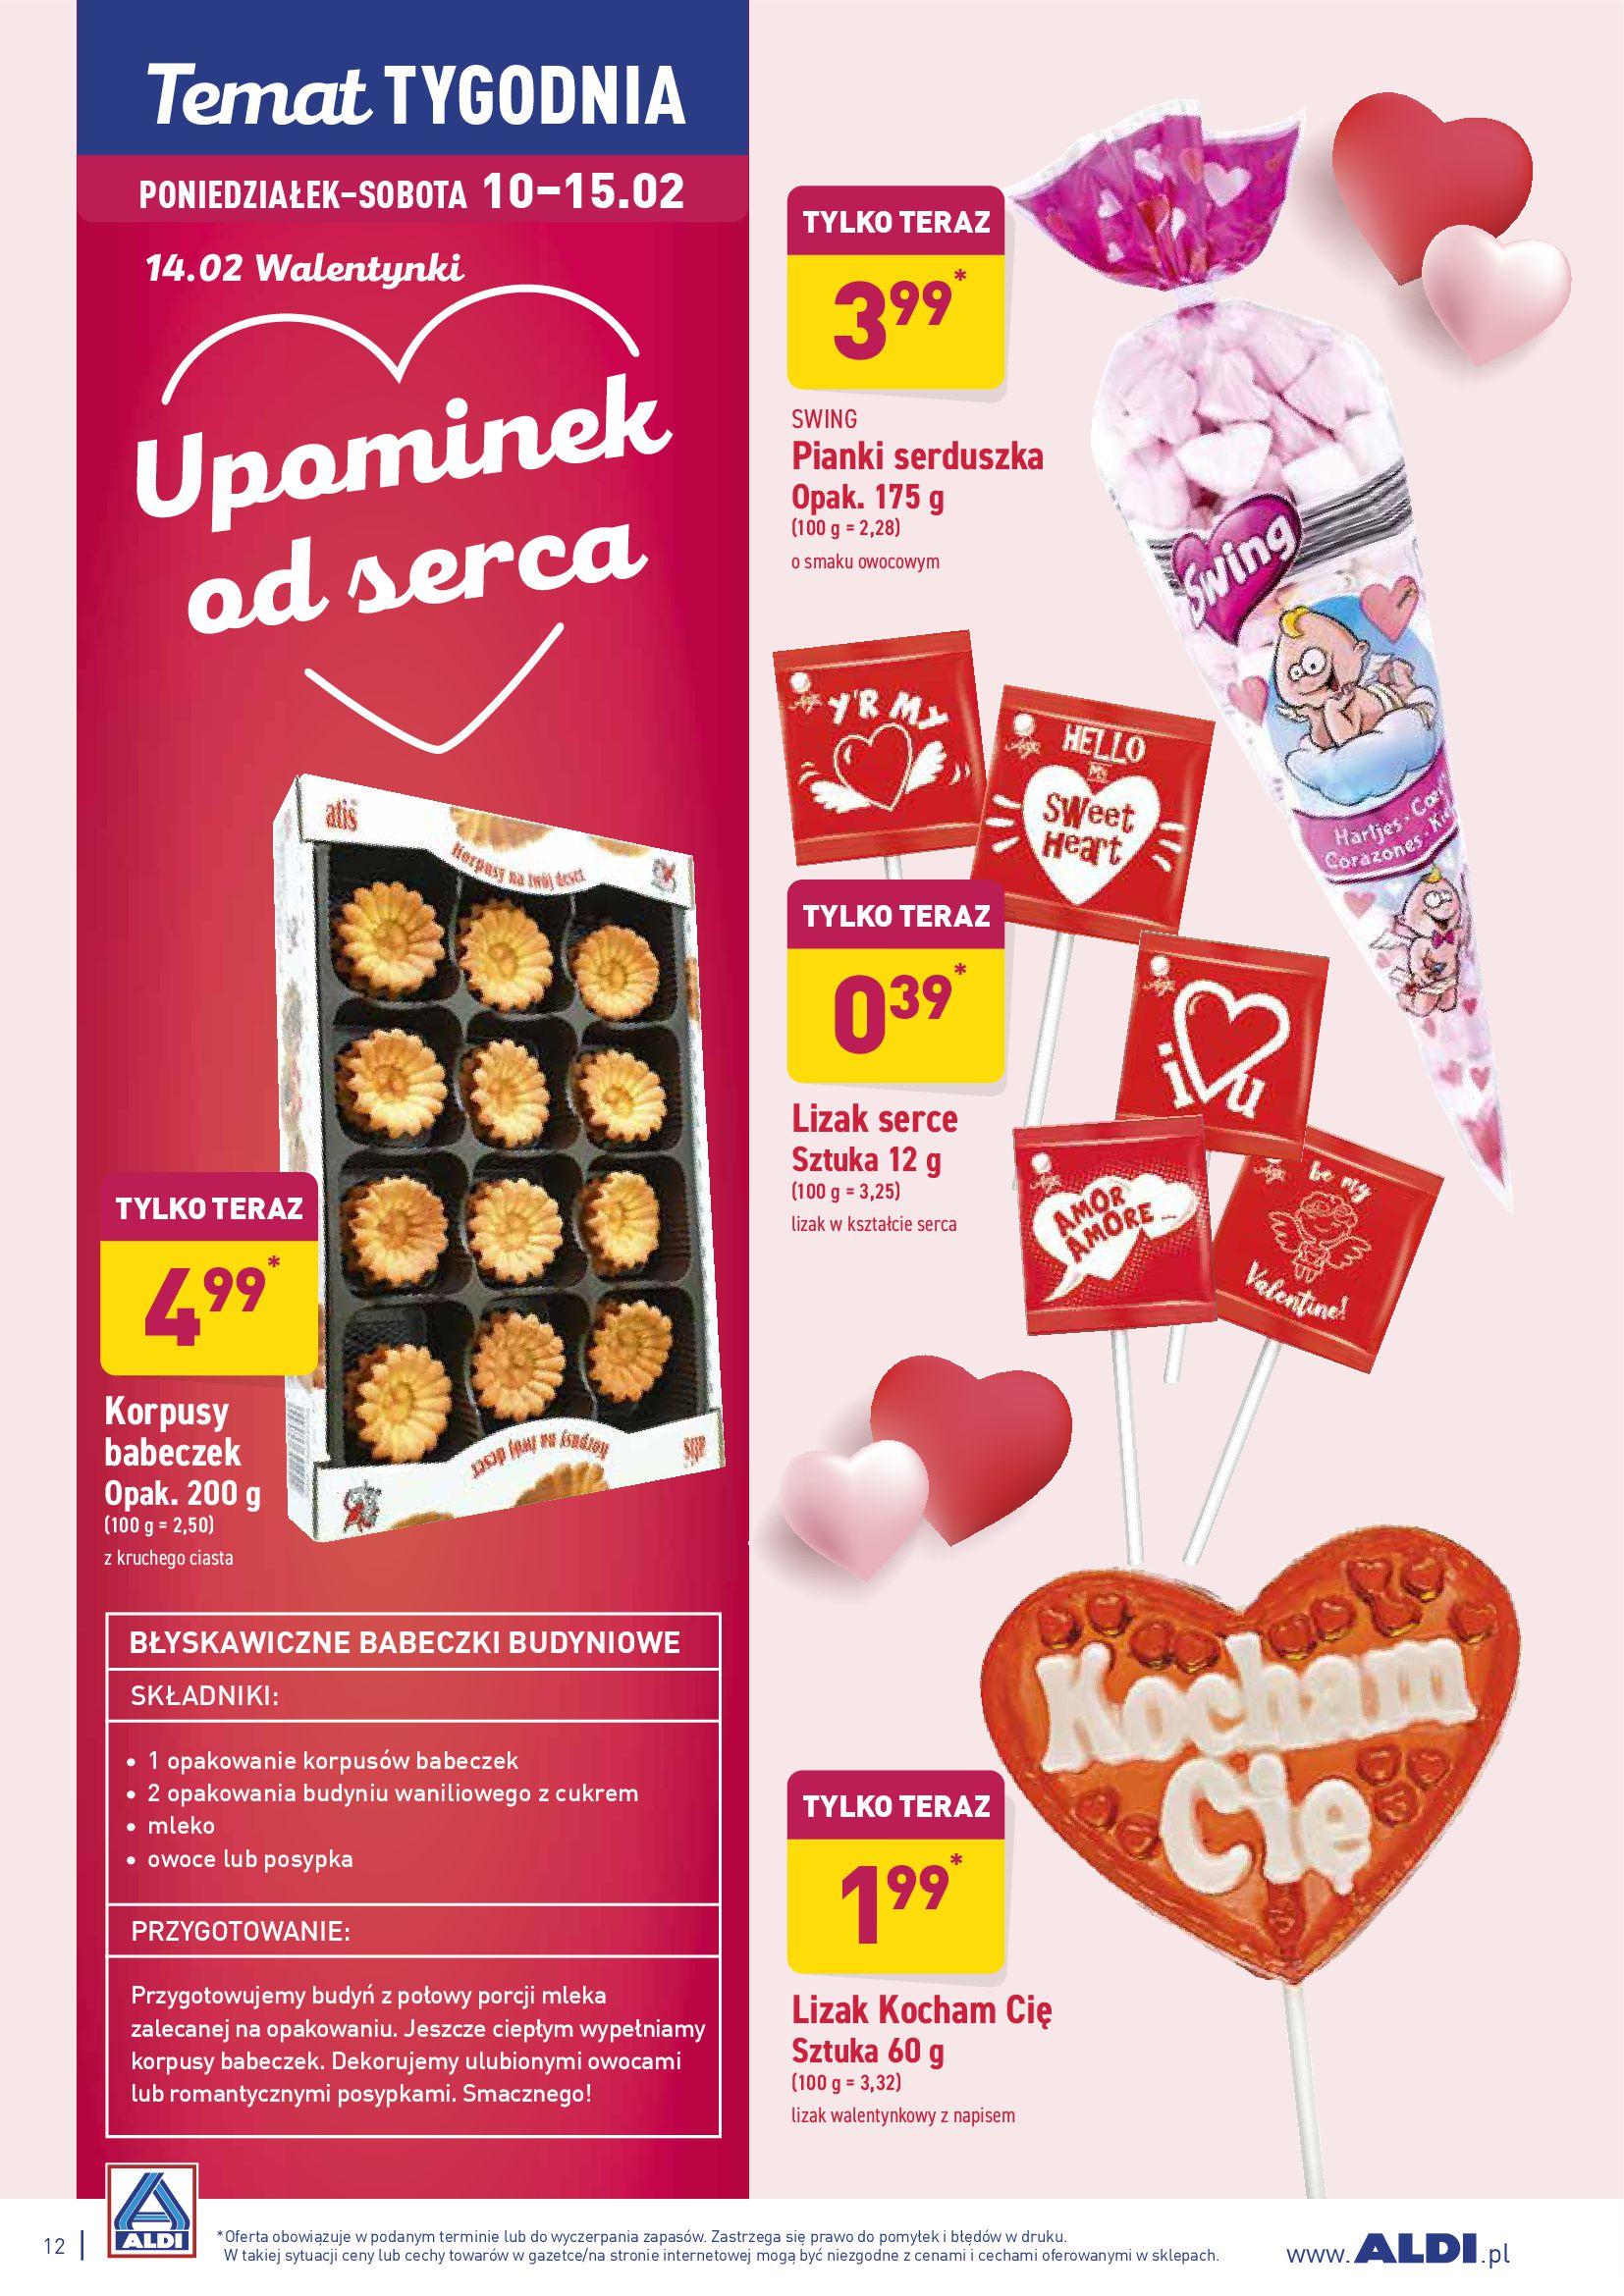 Gazetka Aldi - Upominek od serca-09.02.2020-15.02.2020-page-12